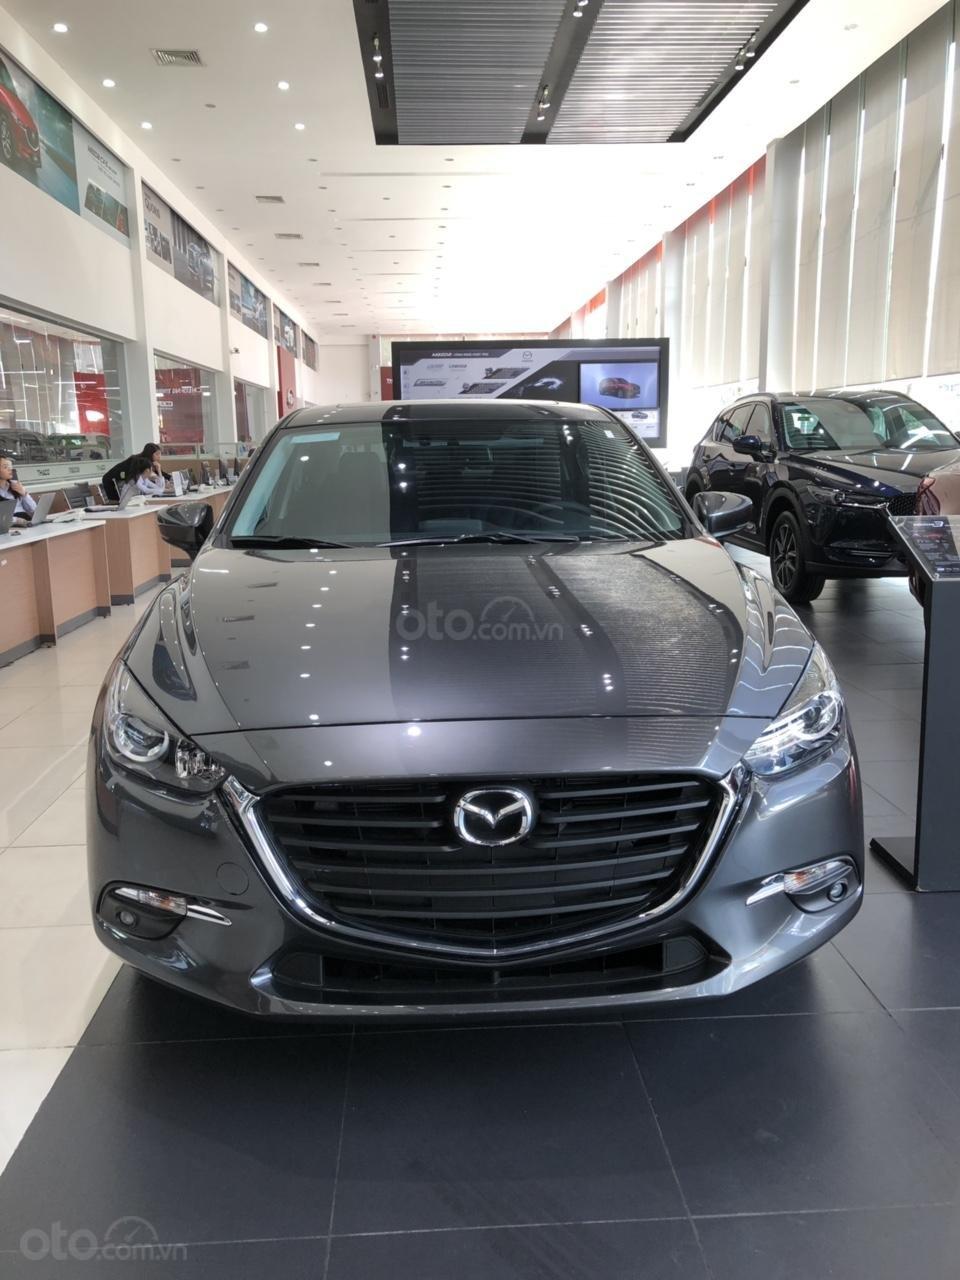 Bán Mazda 3 tại CN Bình Triệu - Khai trương ưu đãi khủng, ưu đãi shock khi mua xe (1)